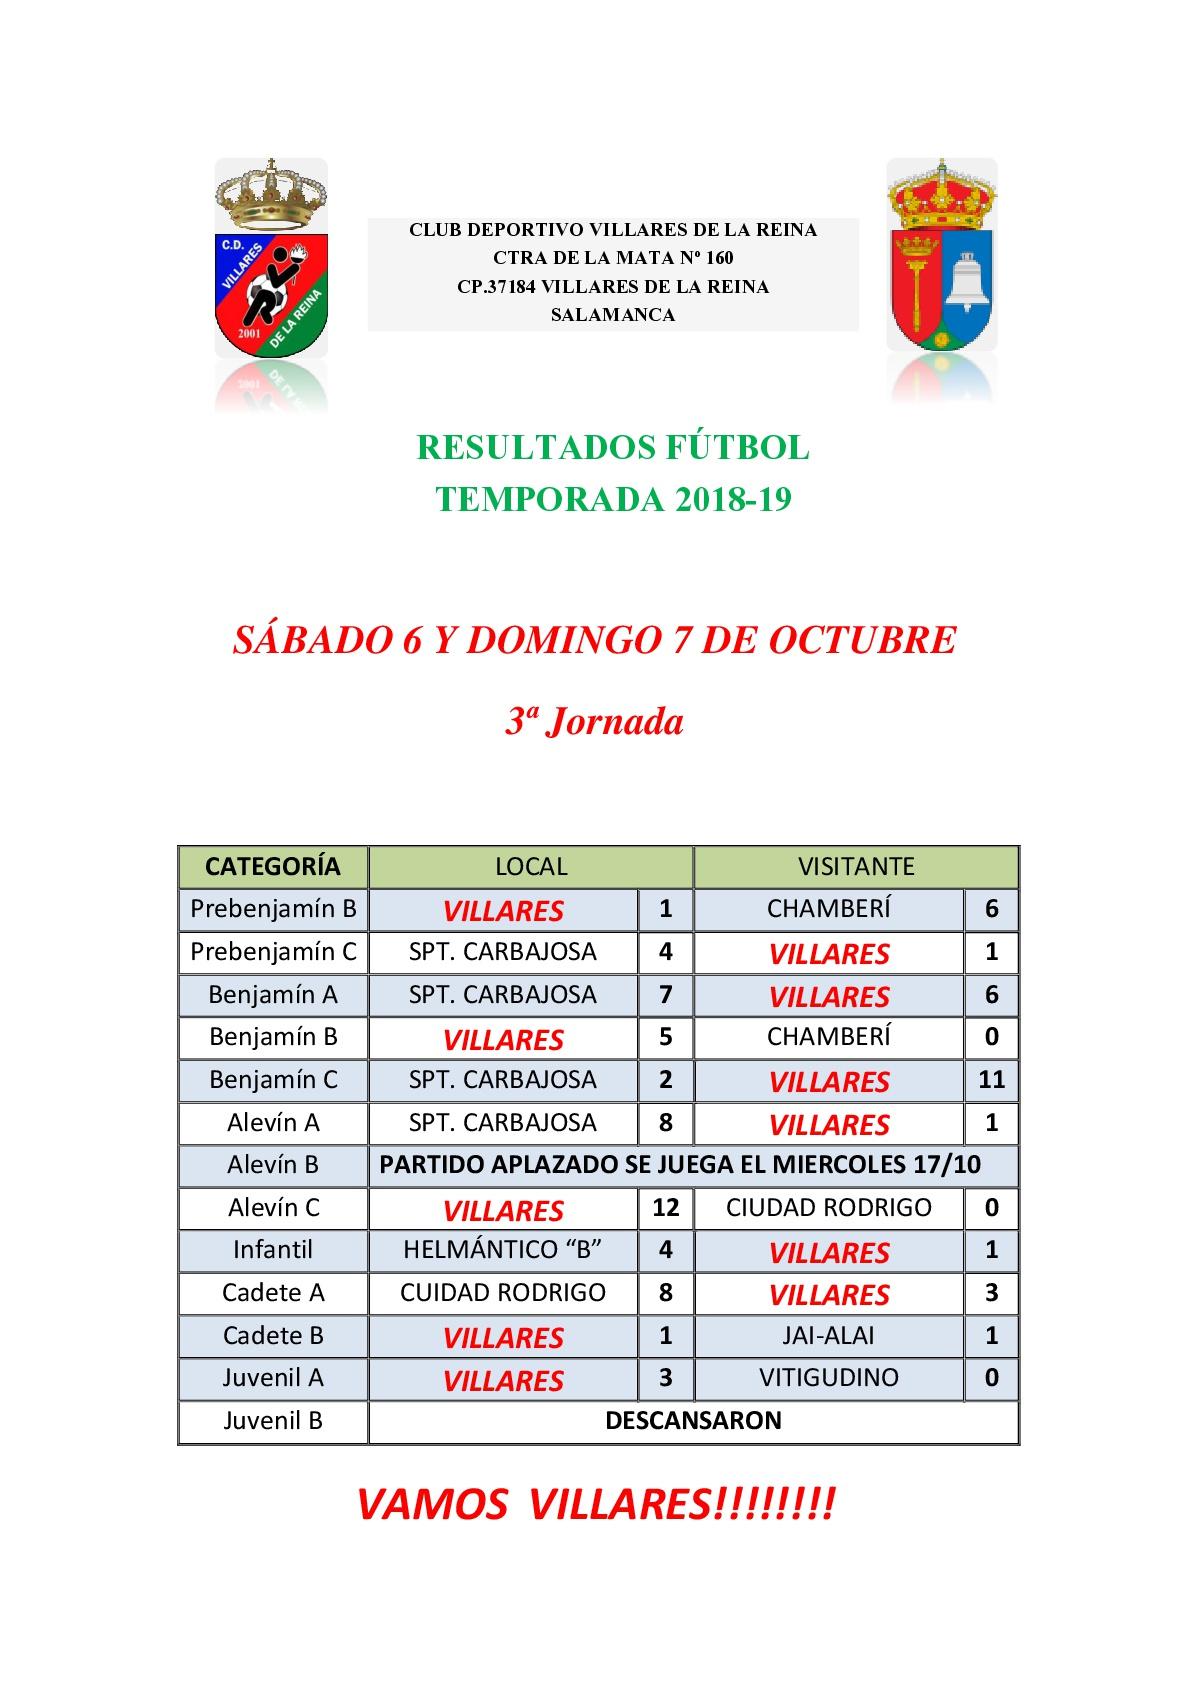 RESULTADOS S�BADO 13 Y DOMINGO 14 DE OCTUBRE 2018-19